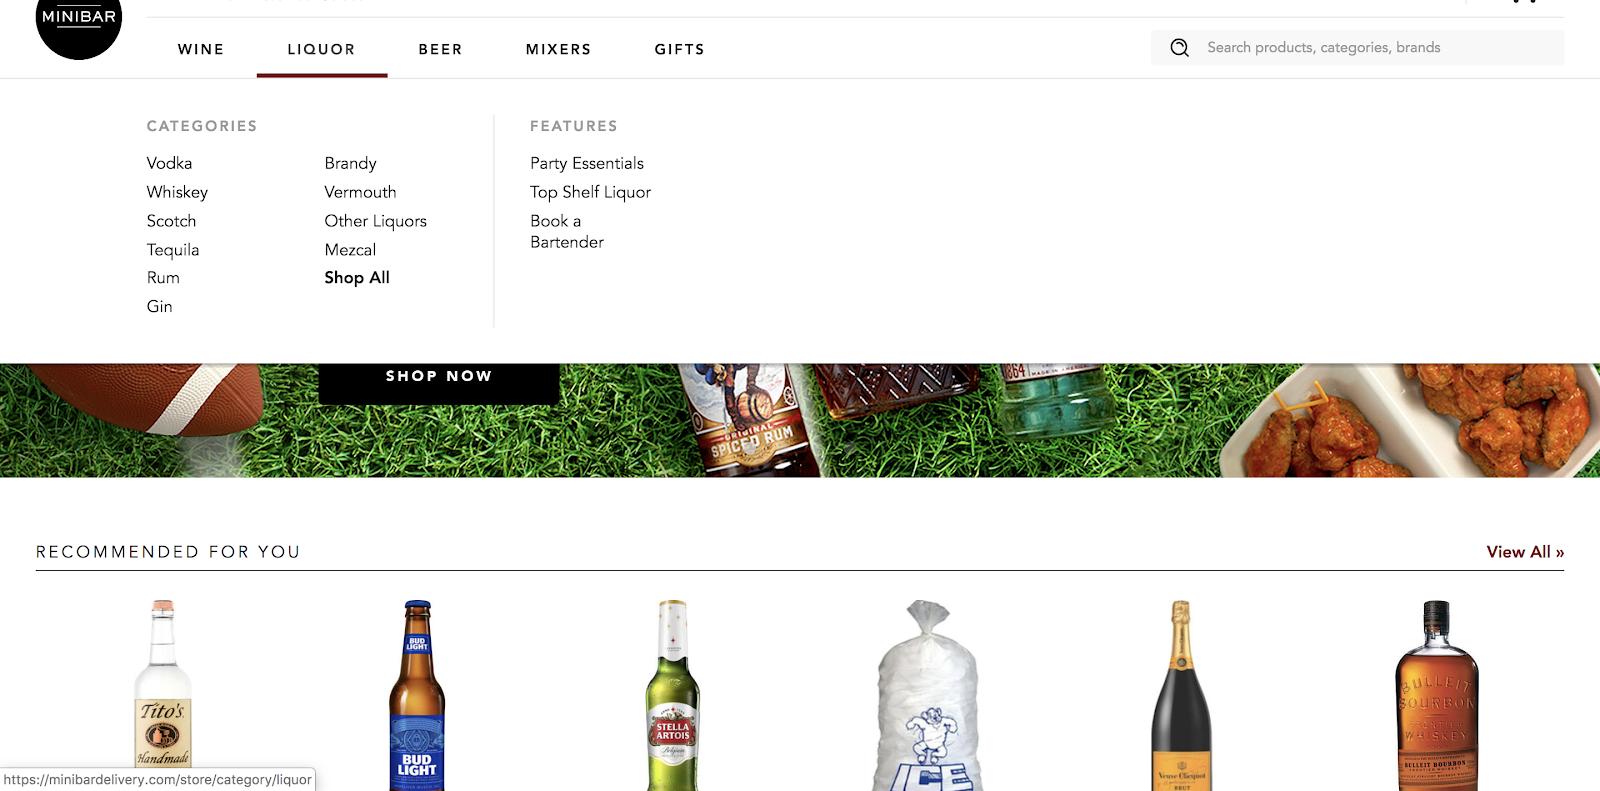 El menú desplegable para comprar en el sitio web del Minibar